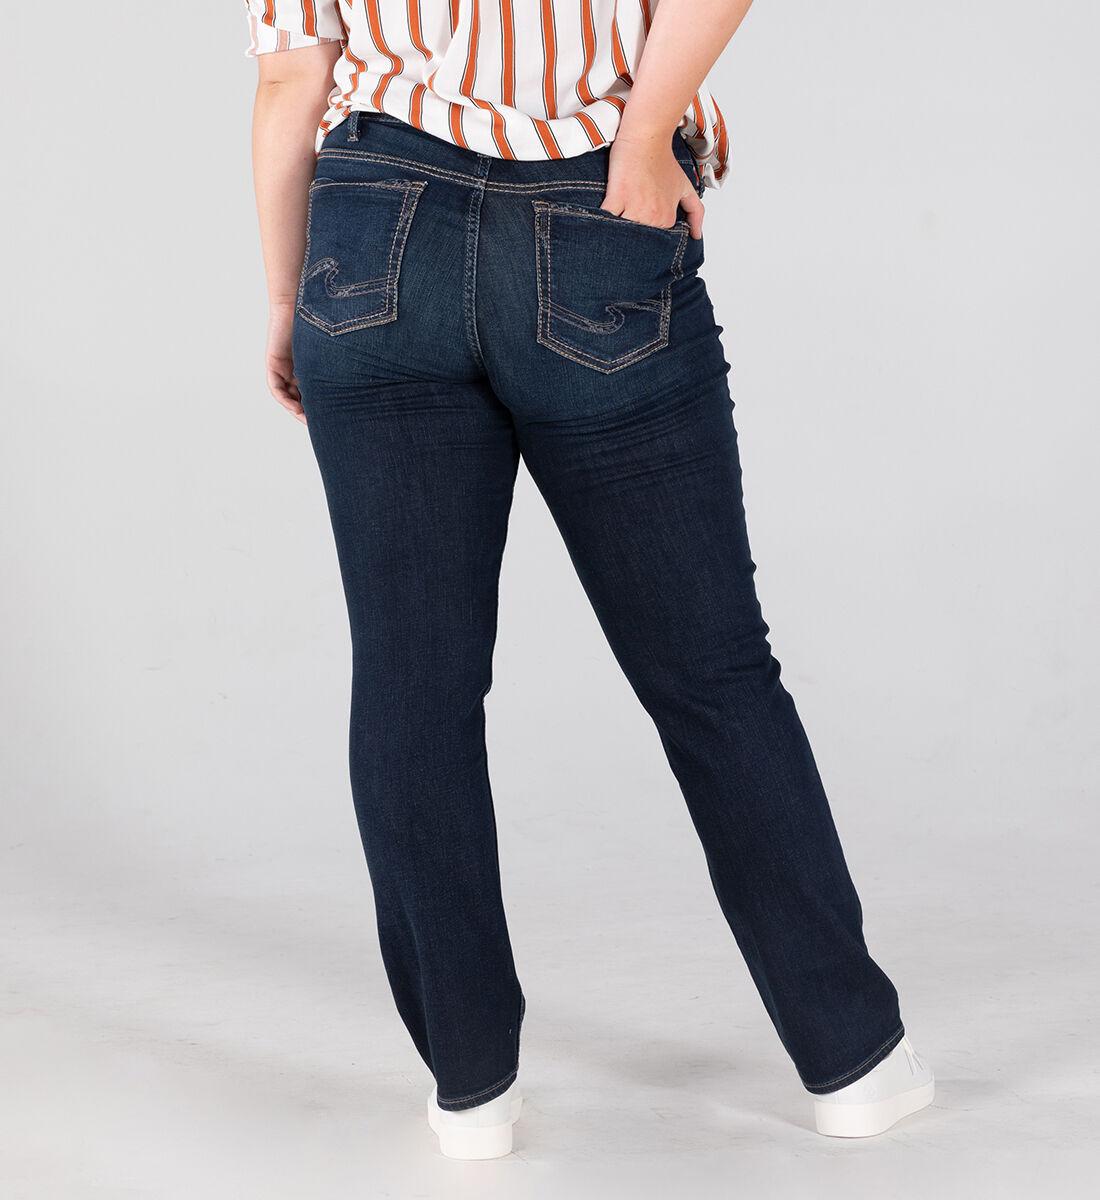 Suki Mid Rise Straight Leg Jeans Plus Size Back